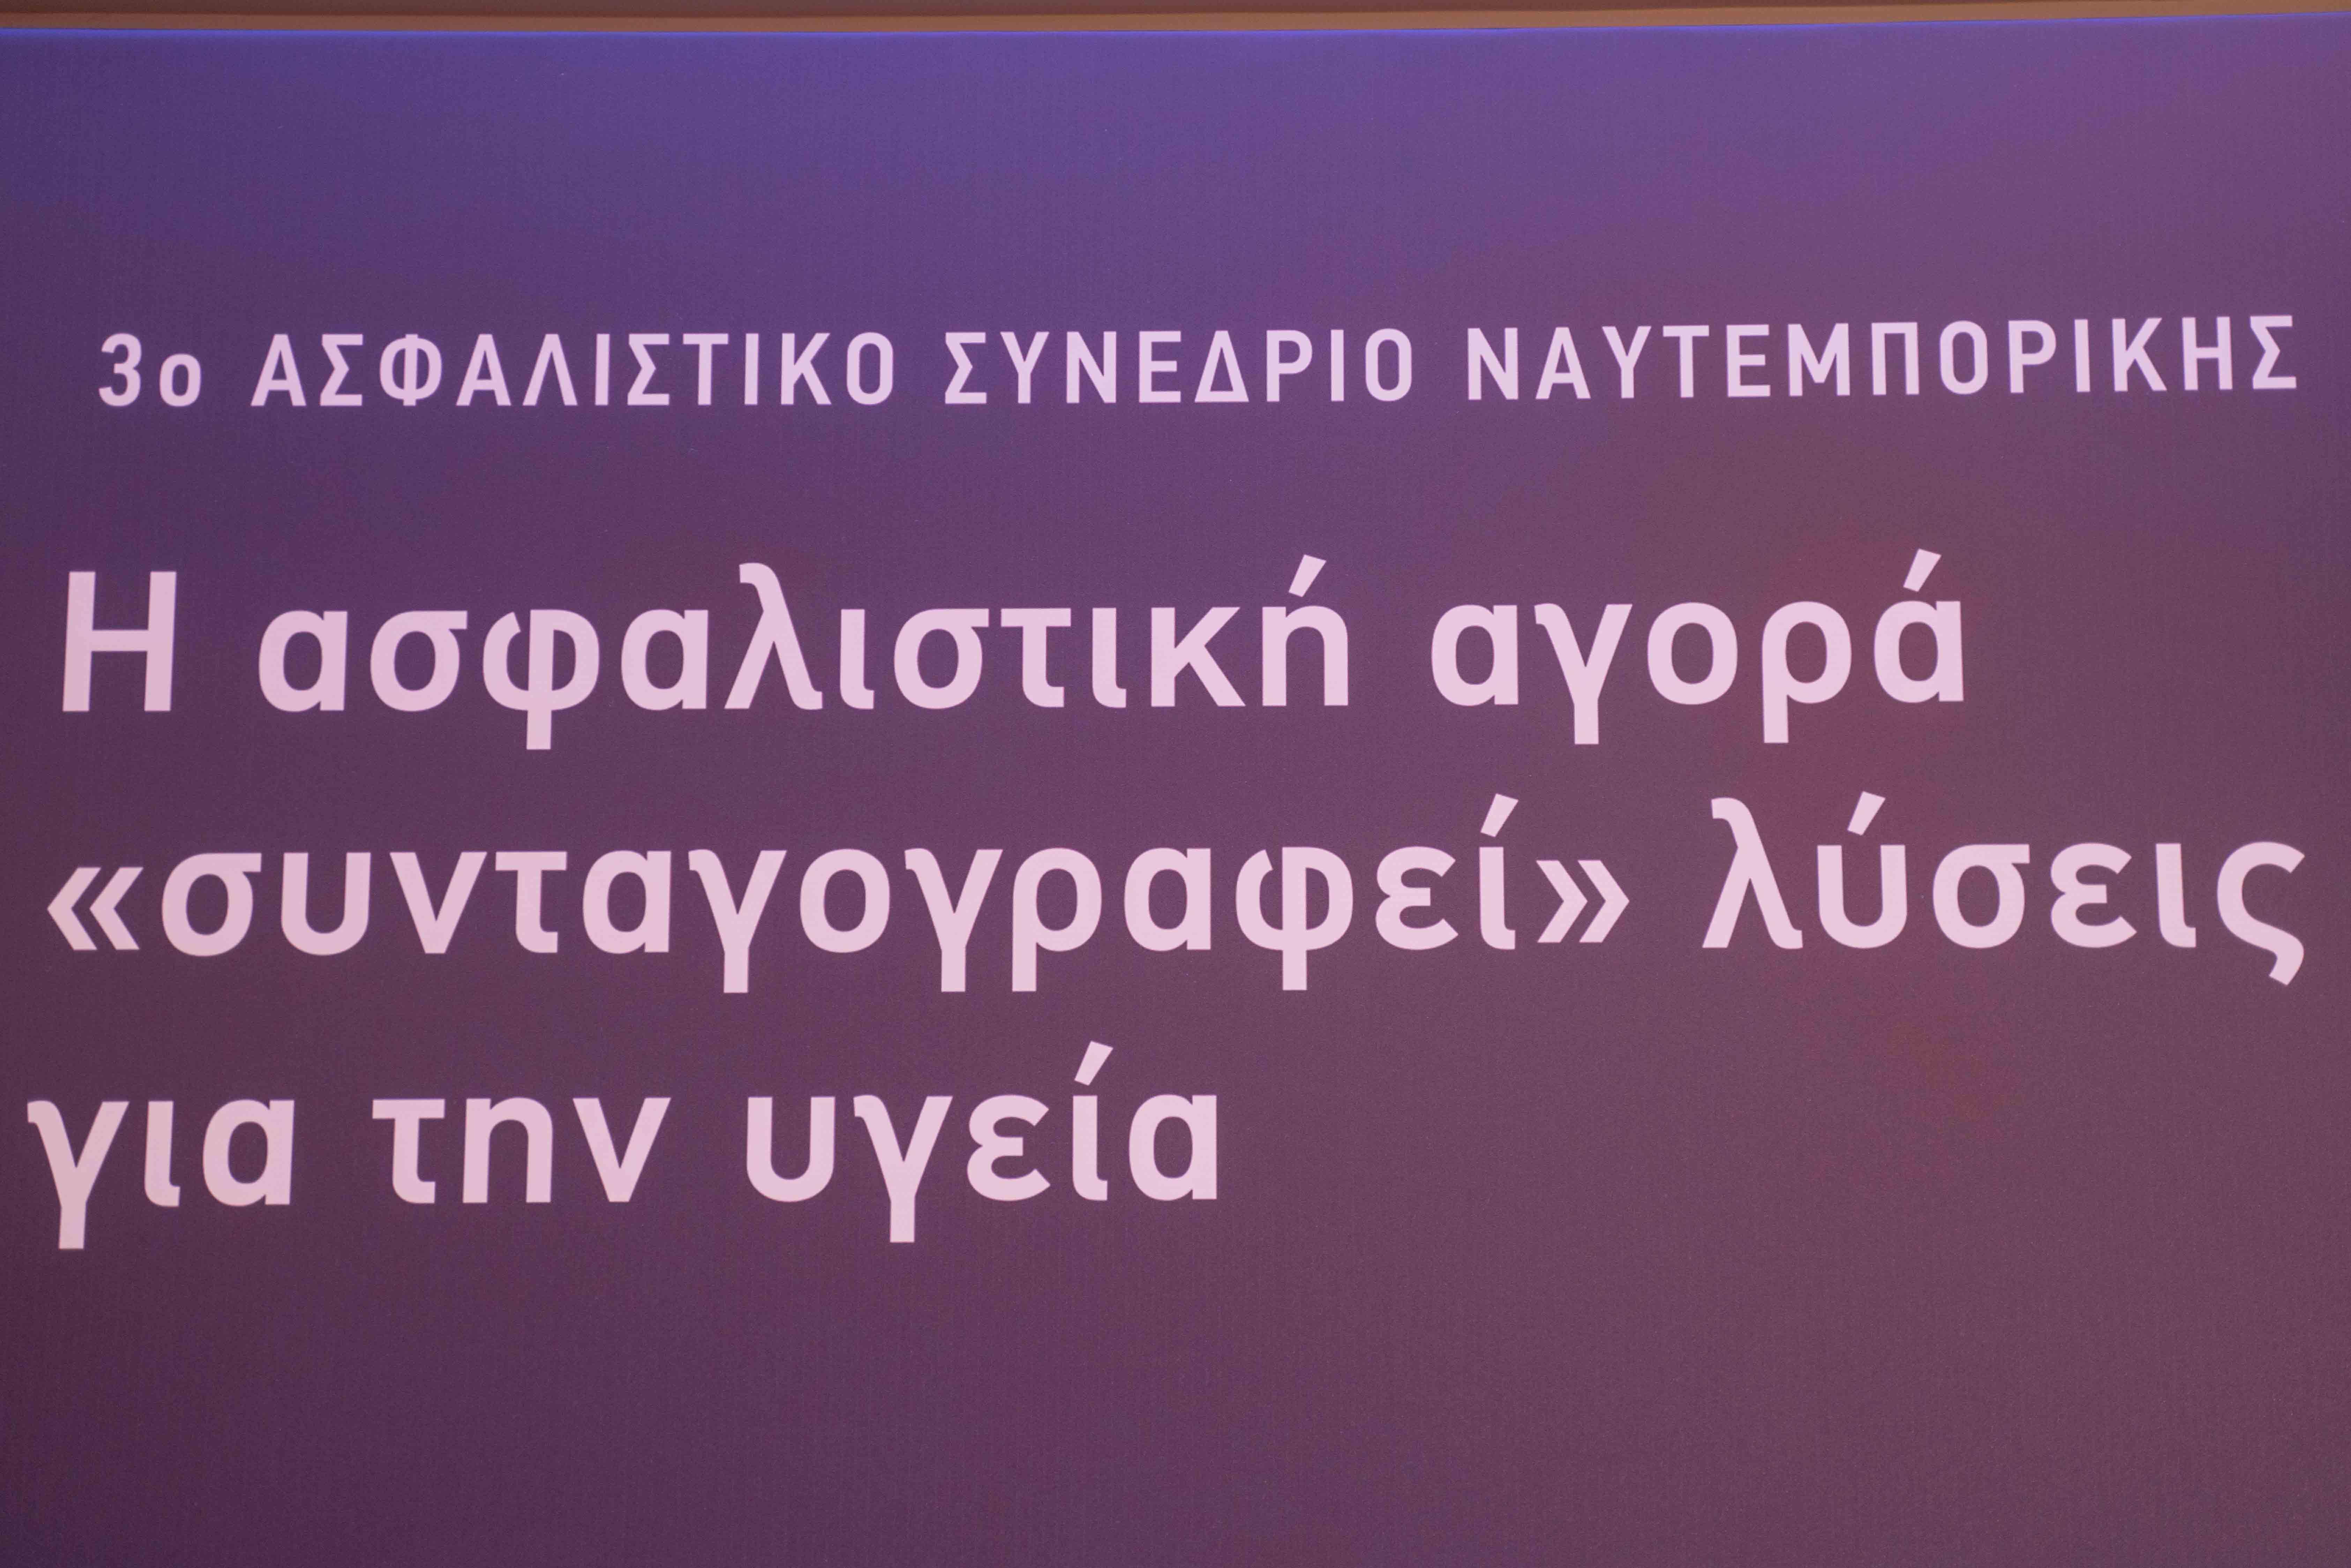 Ισχυρό και ξεκάθαρο μήνυμα για την αξία της πρόνοιας από τον κ. Γαβαλάκη